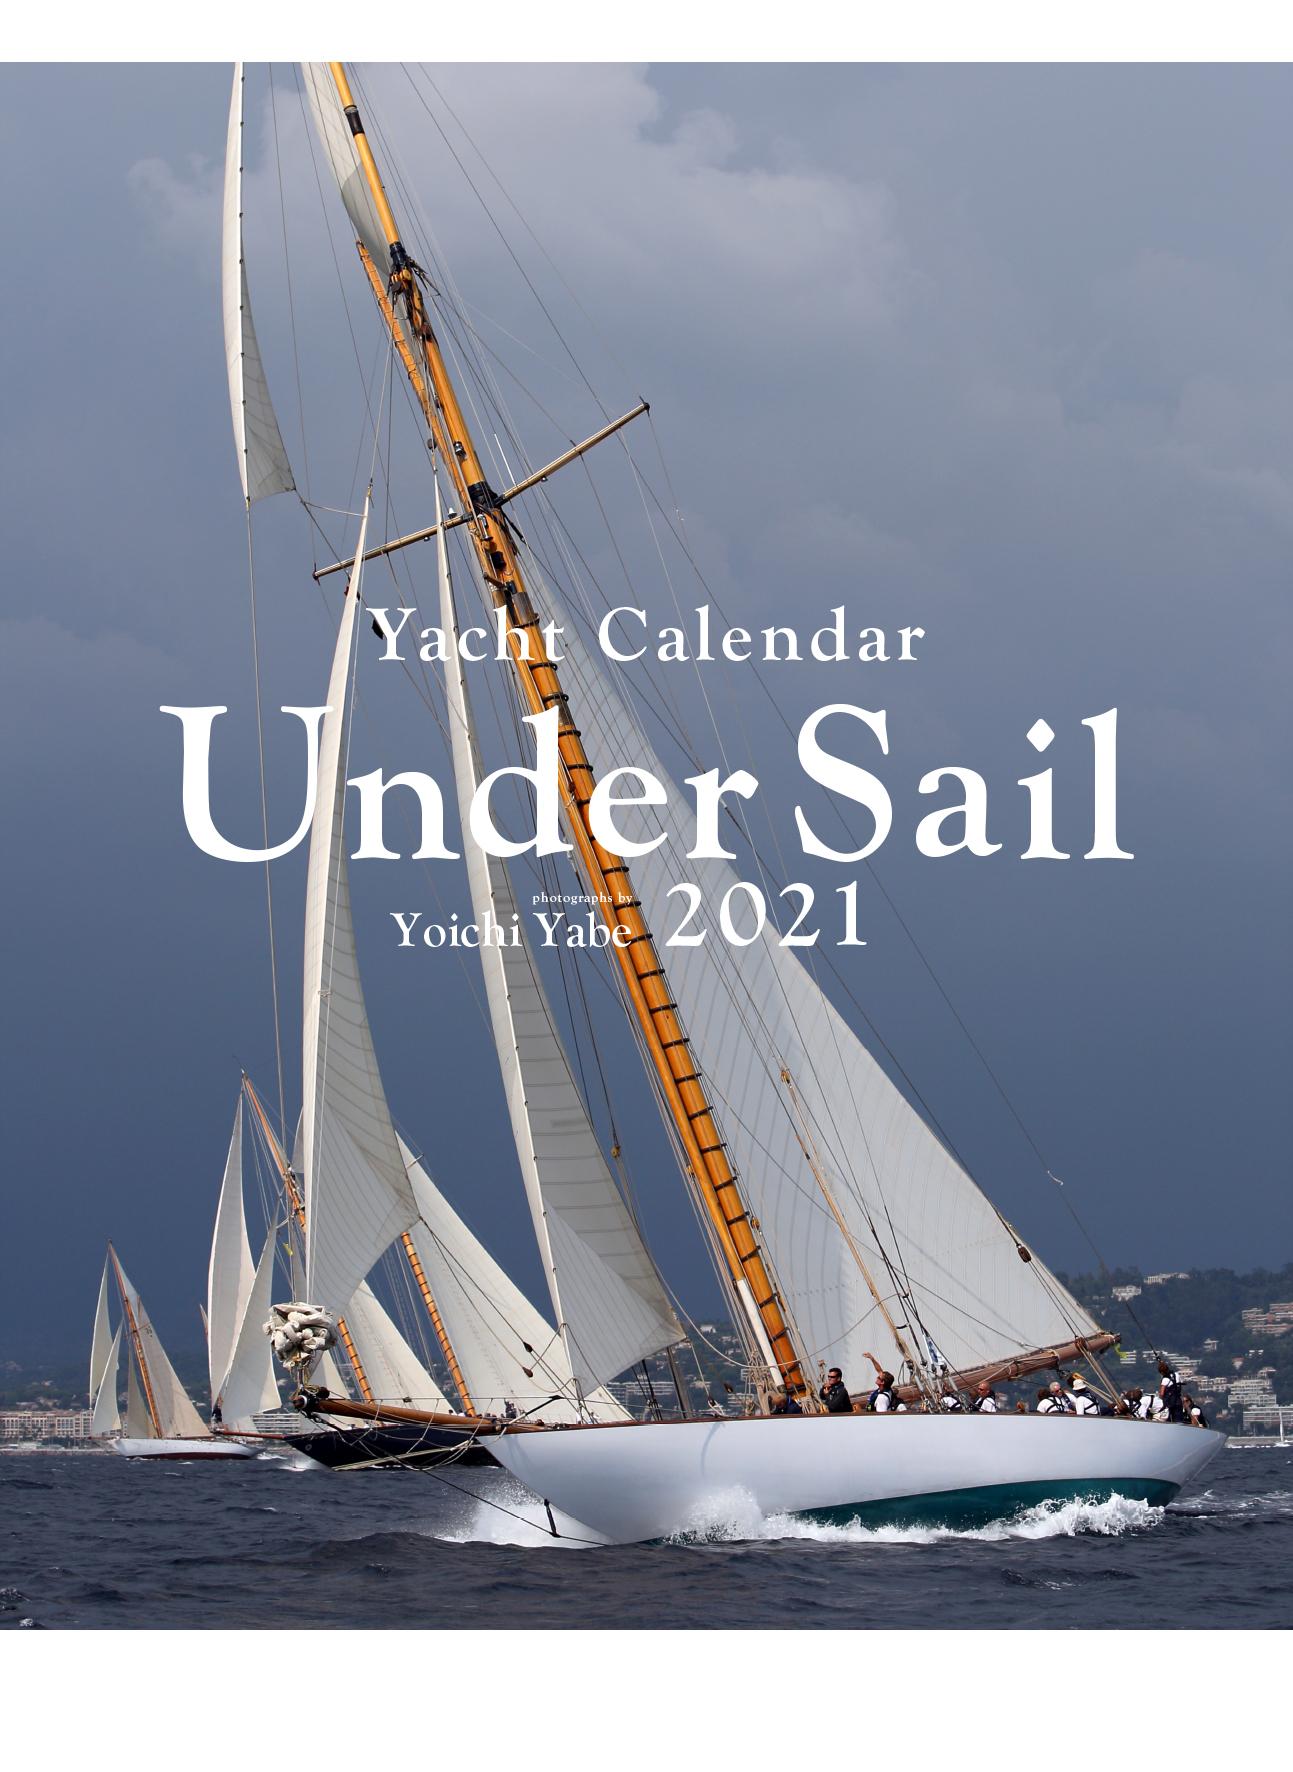 UNDER SAIL 2021 舵社オリジナルヨットカレンダープレゼントキャンペーン